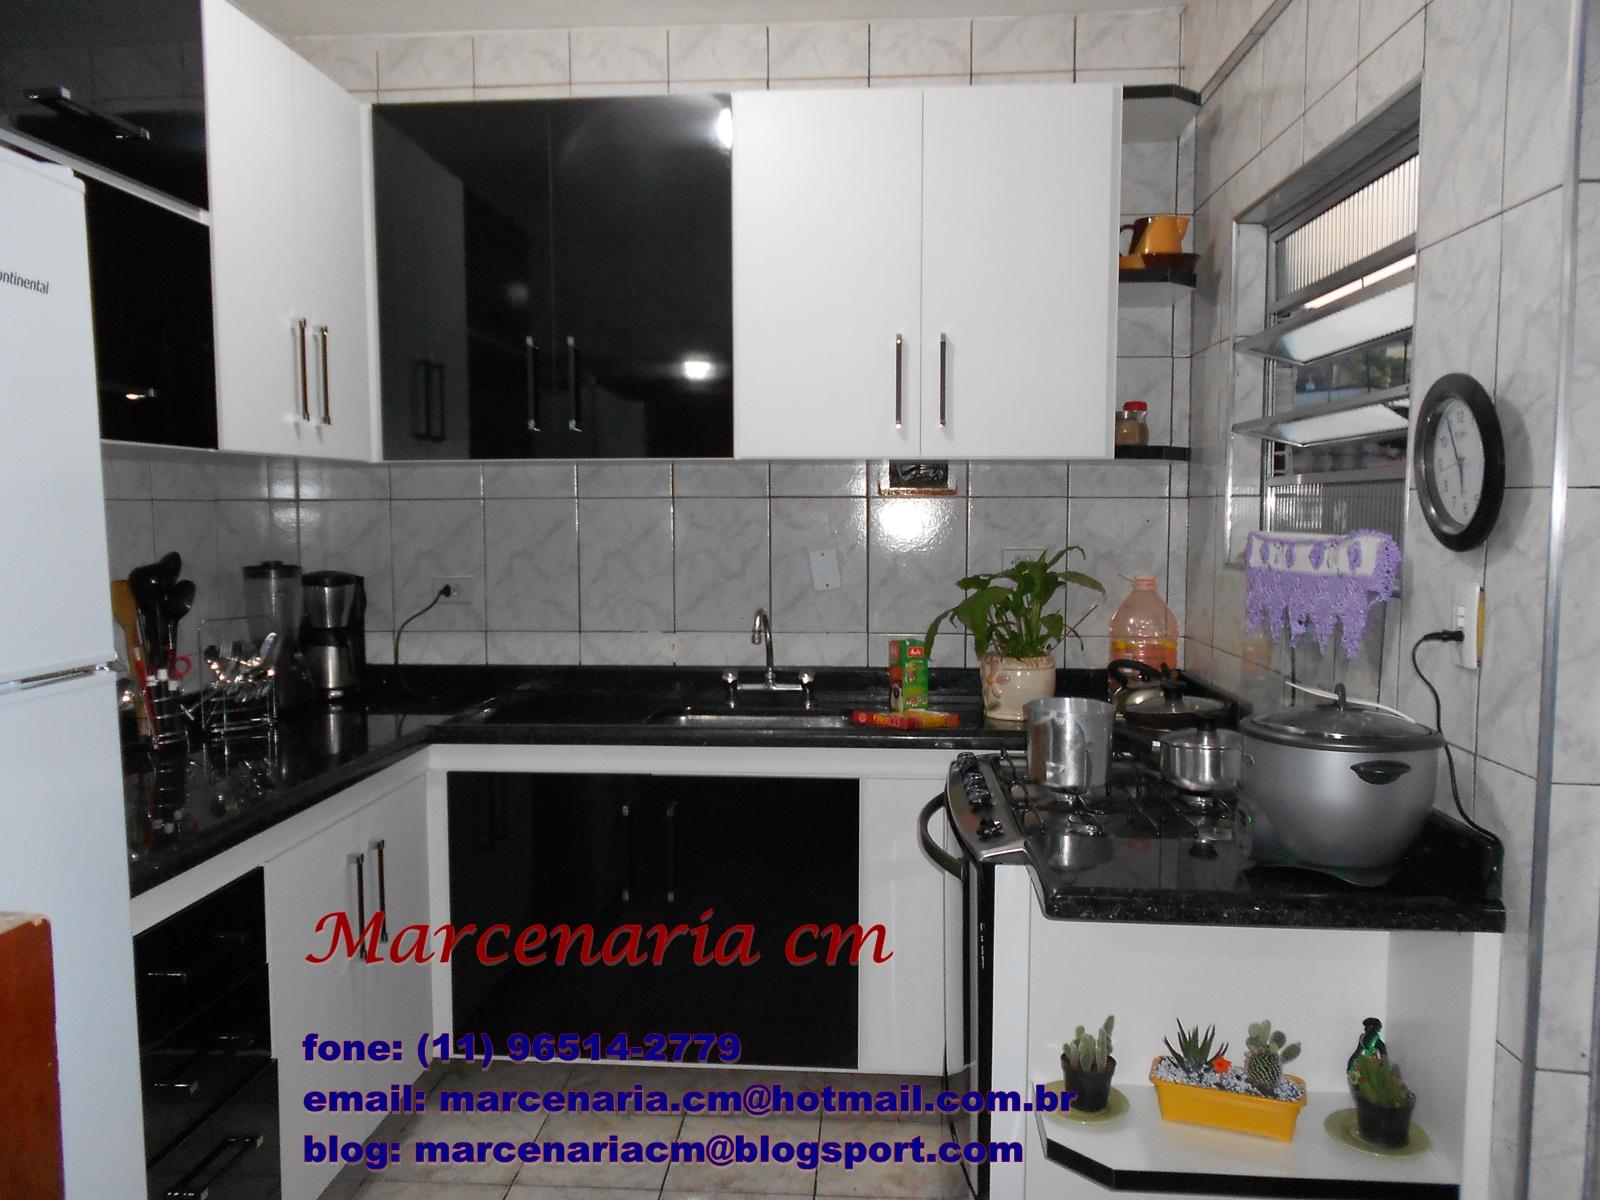 preto brilhante e branco texturizado duas portas vasculhante e nas #2C1A73 1600x1200